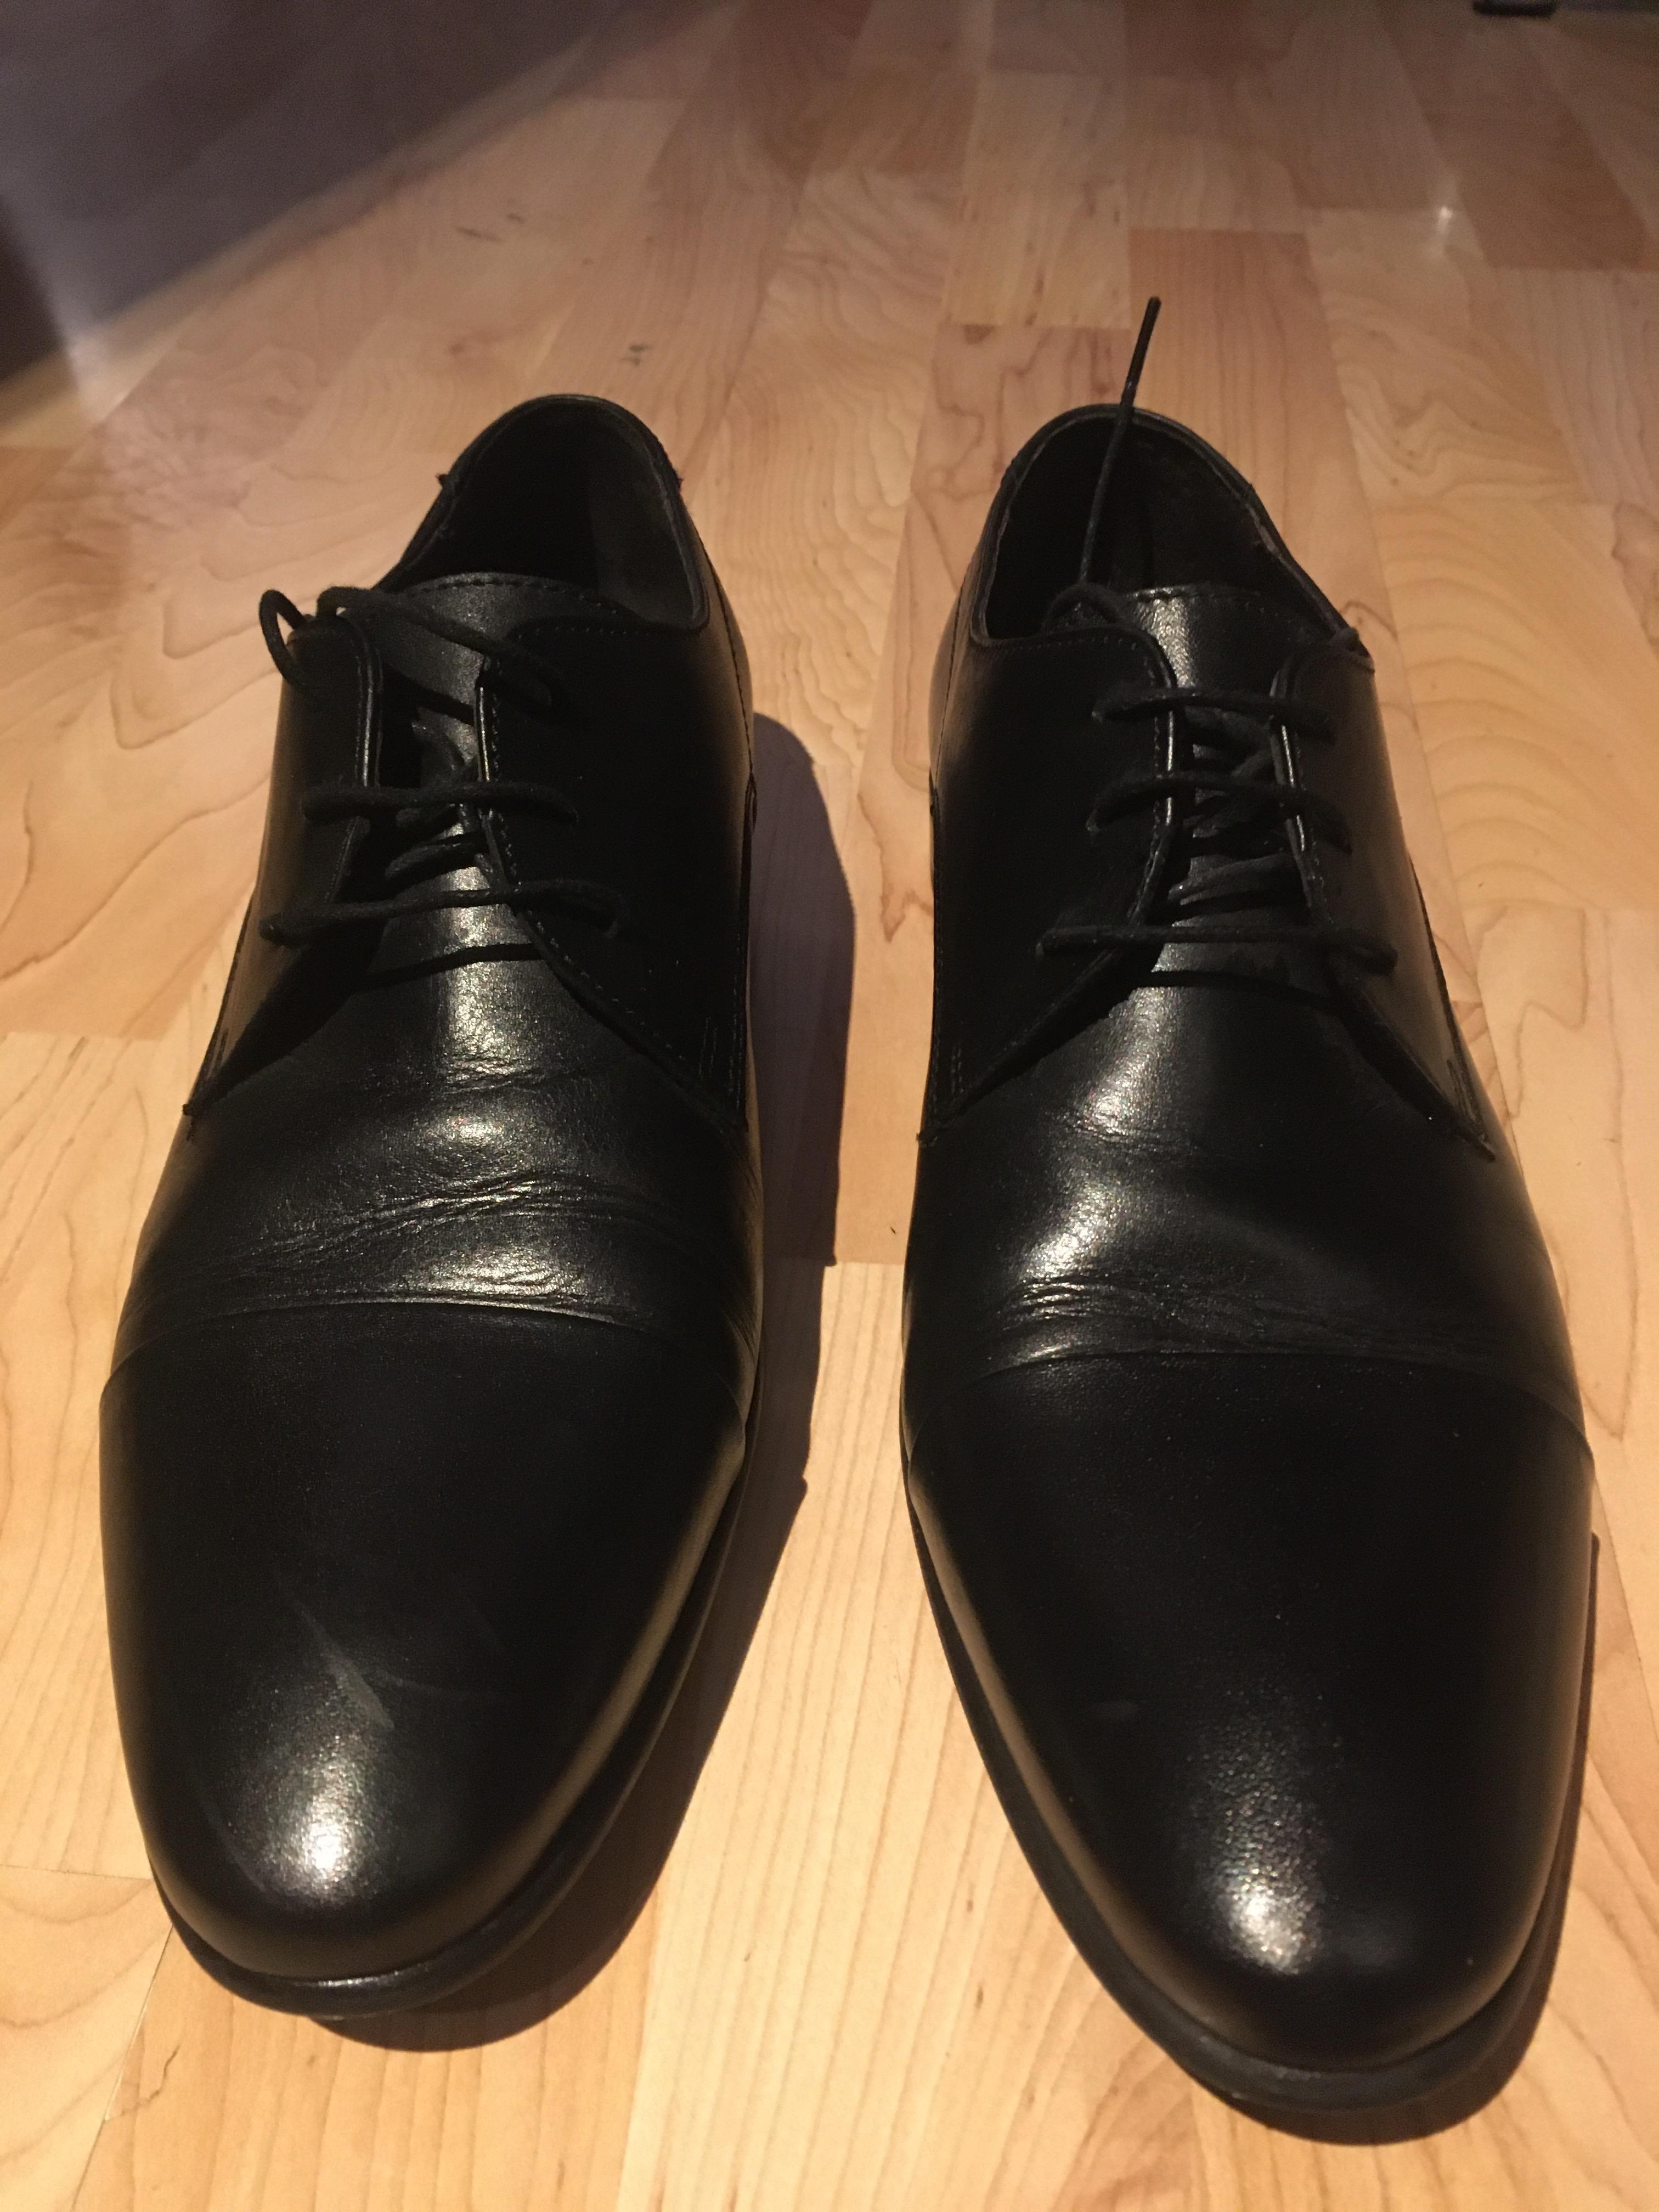 troc de troc chaussures andré morgan 41 homme image 0